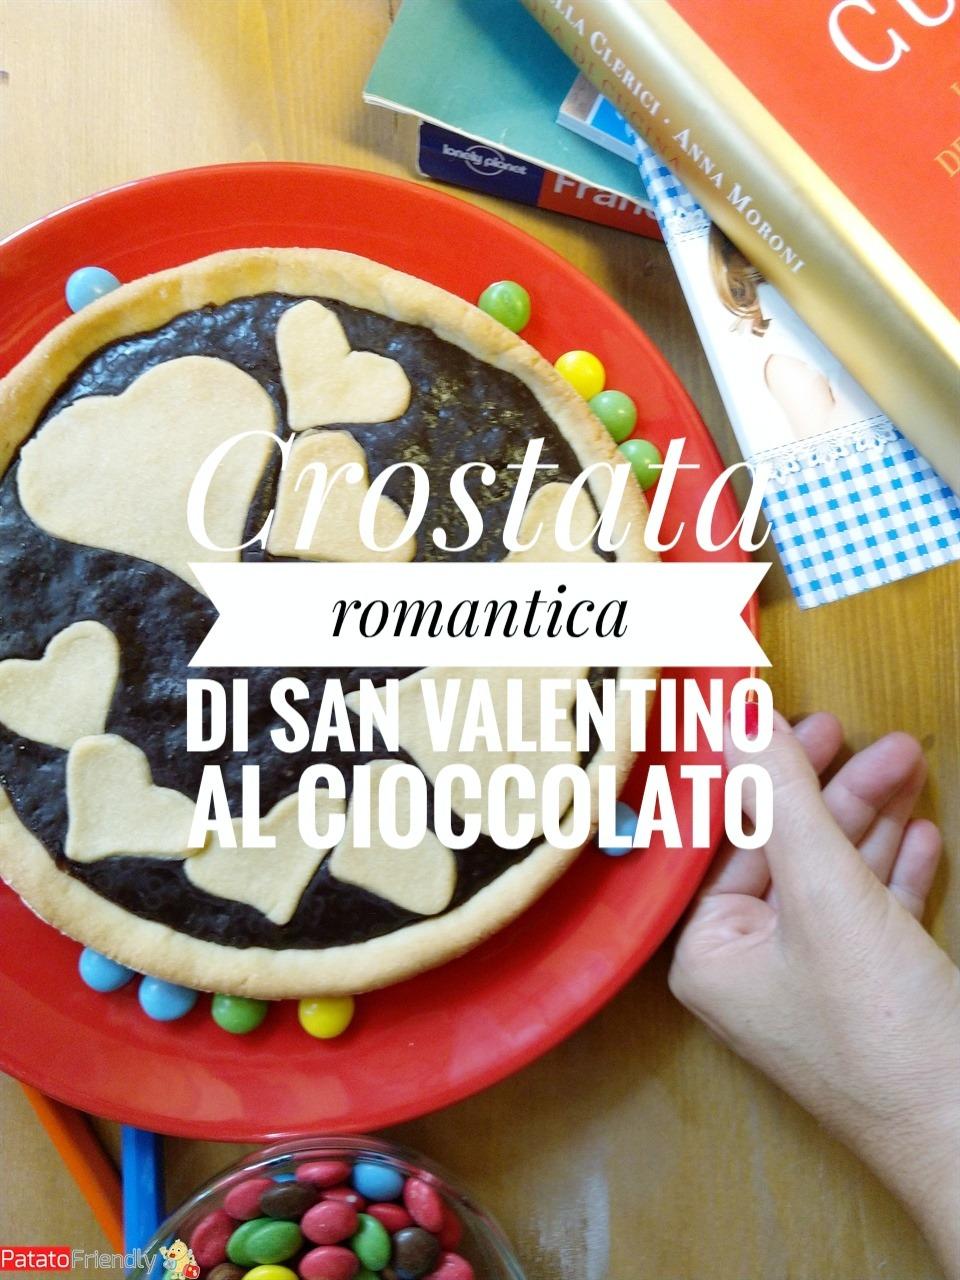 [cml_media_alt id='16339']Frolla per la crostata romantica - Tutorial per preparare la crostata di San Valentino al cioccolato a forma di cuore[/cml_media_alt]